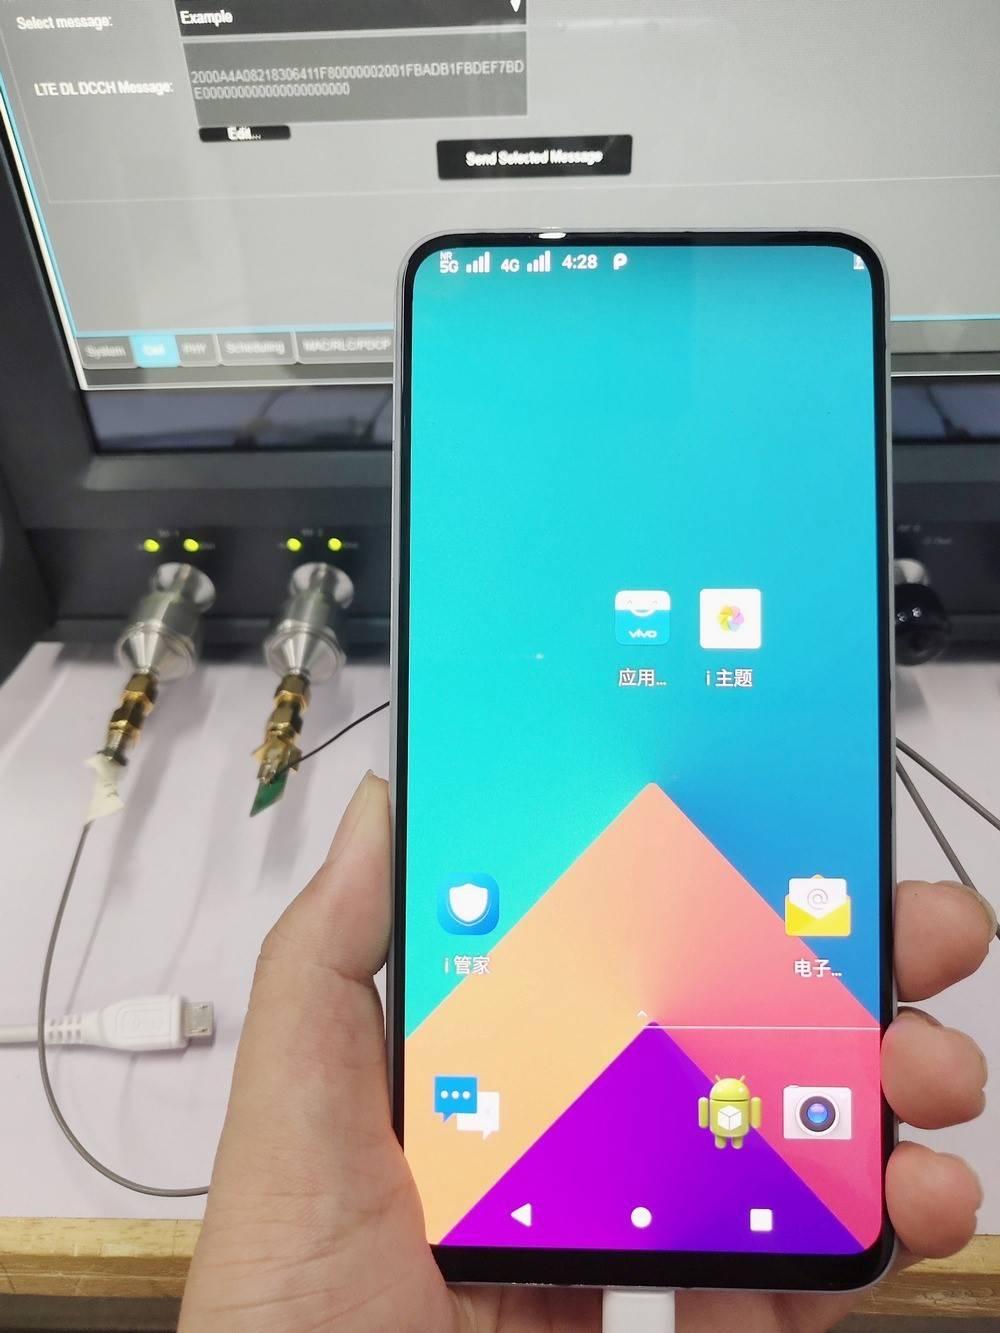 5G 版 NEX 曝光,vivo 初步完成商用的 5G 手机开发